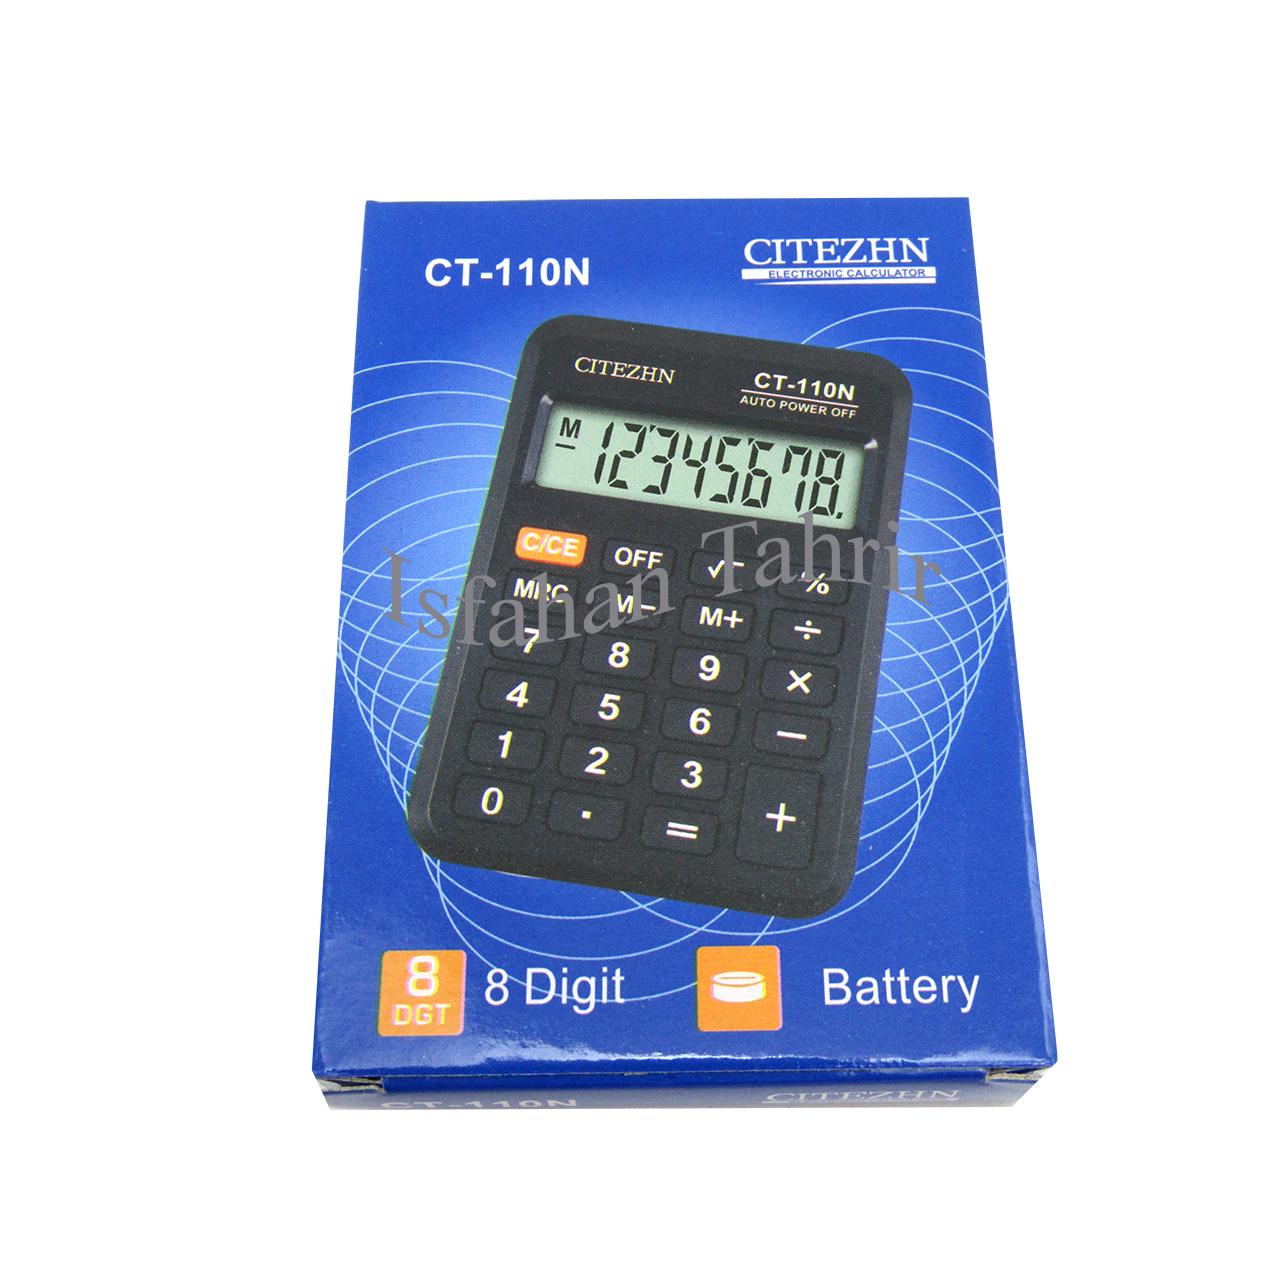 ماشین حساب سی تی زن CITIZEN CT-110N